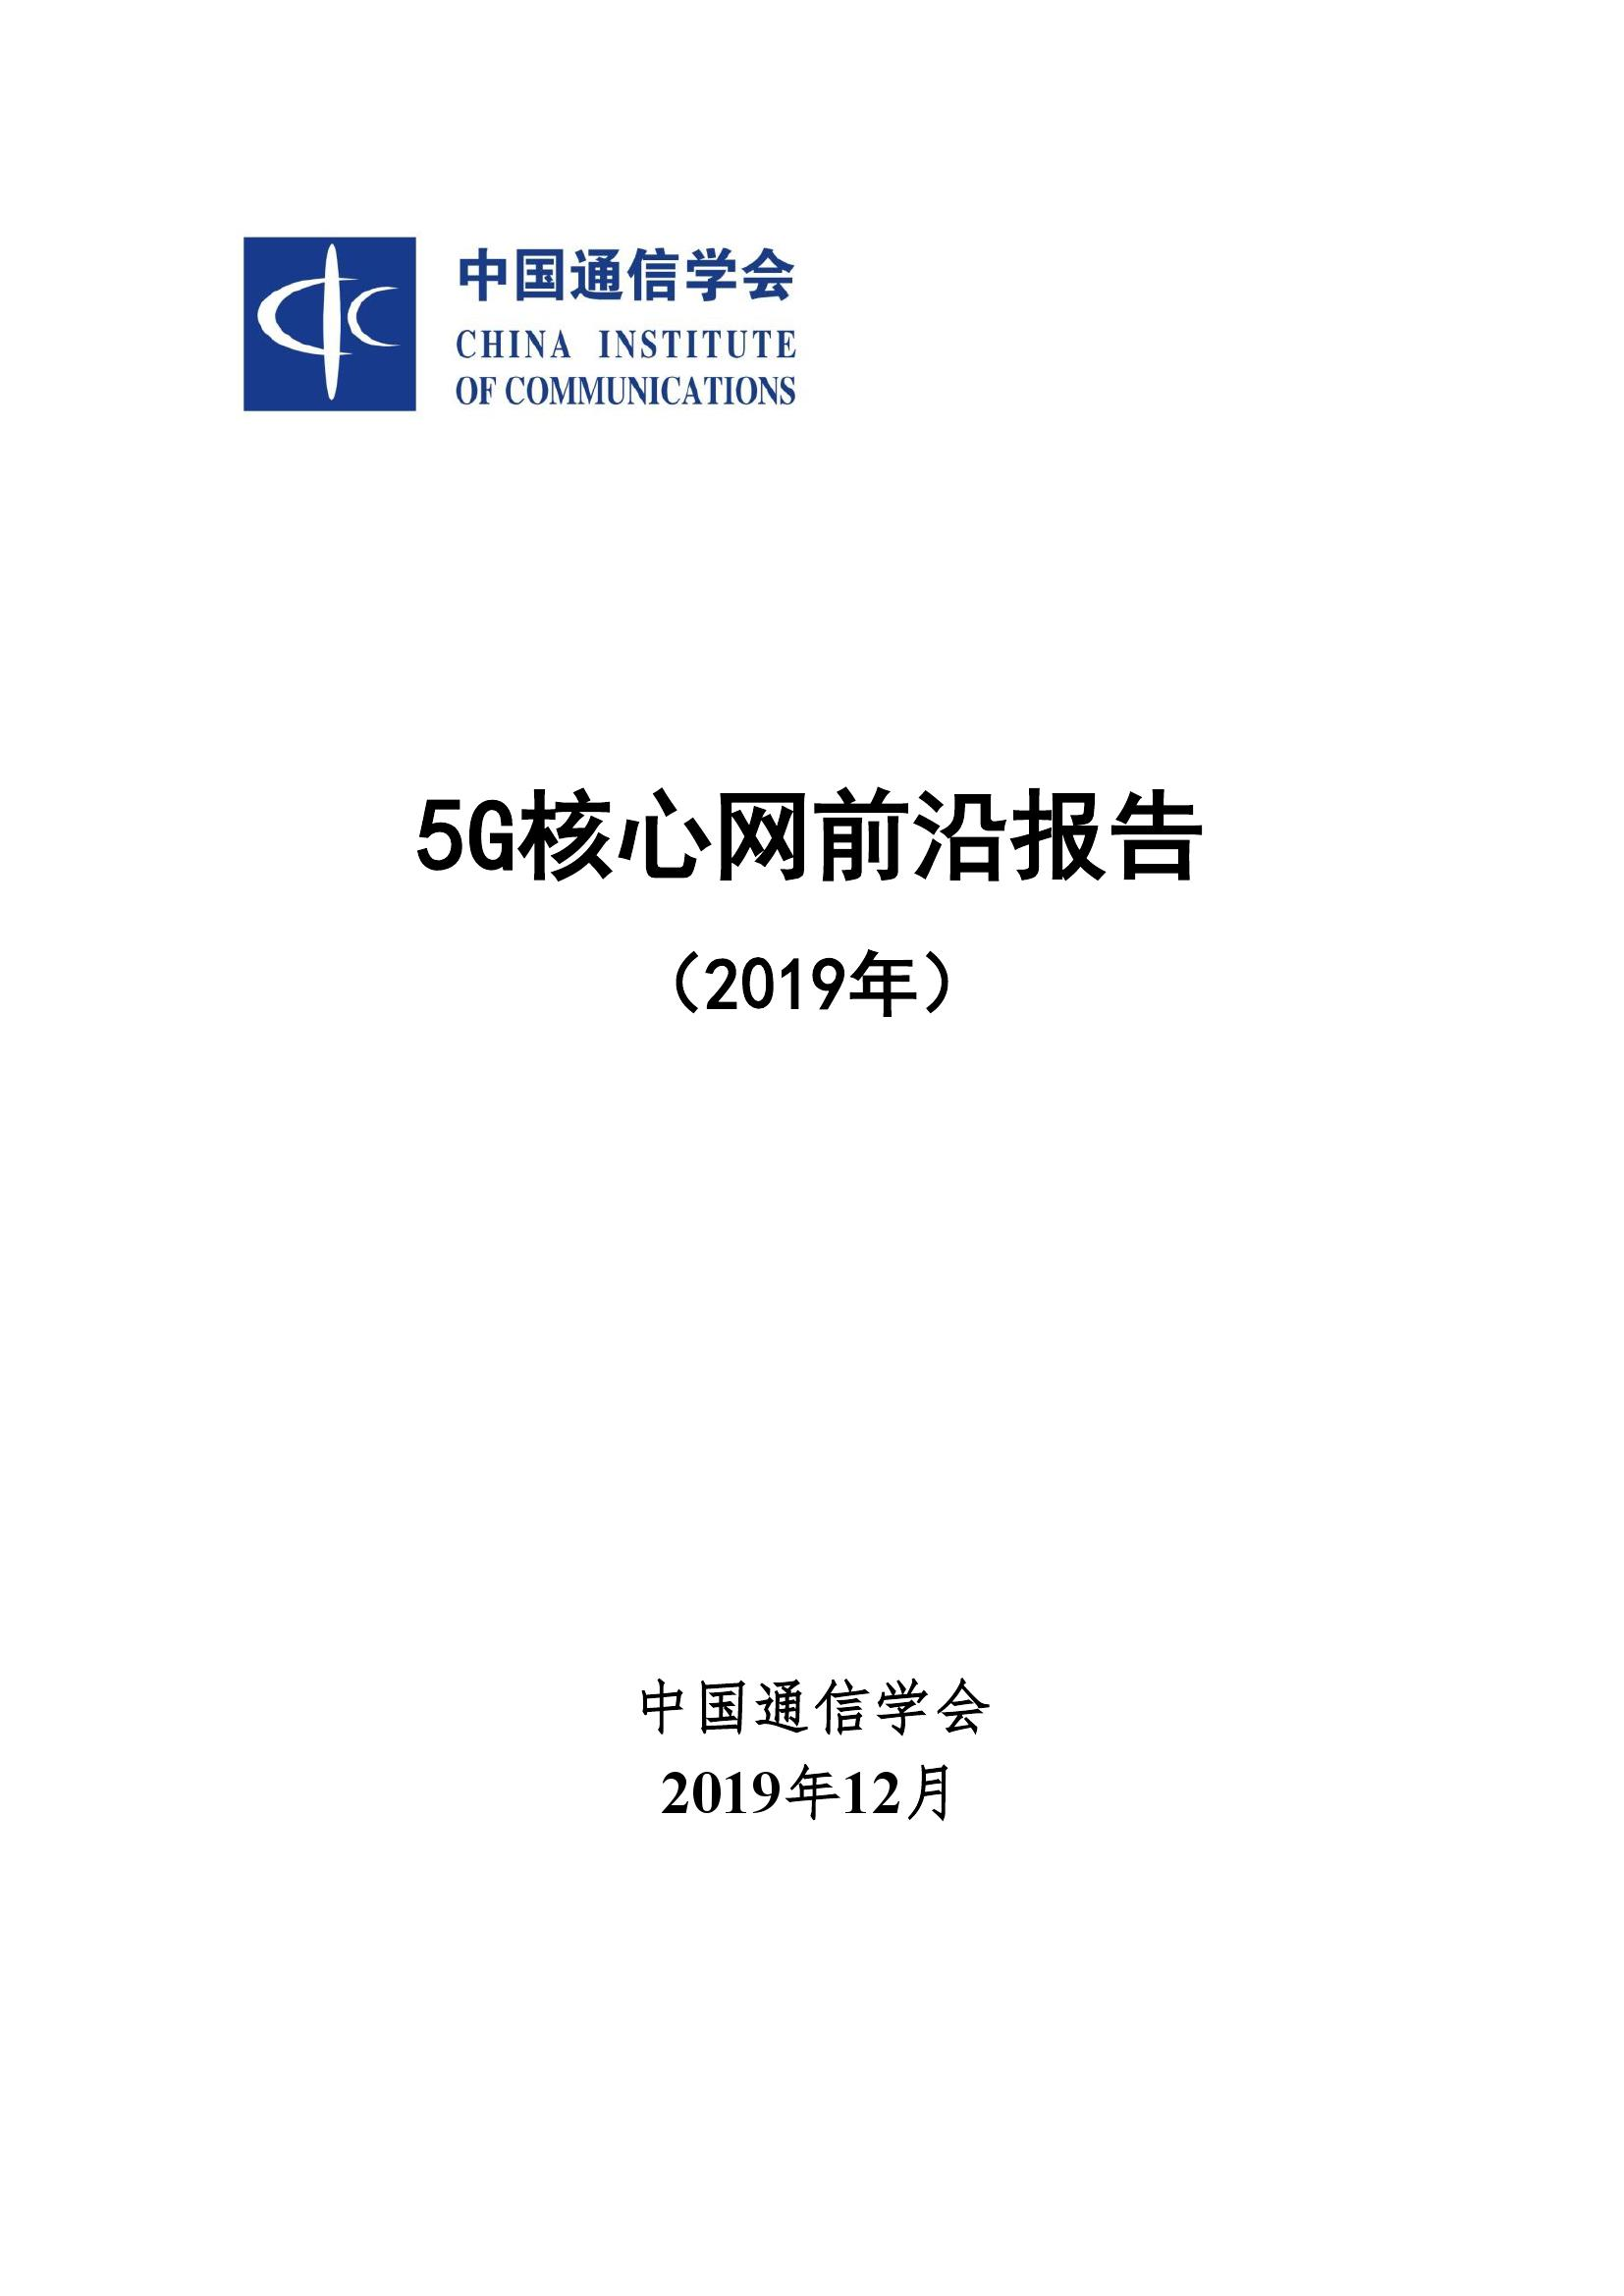 中国通信学会:2019年5G核心网前沿报告(附下载)